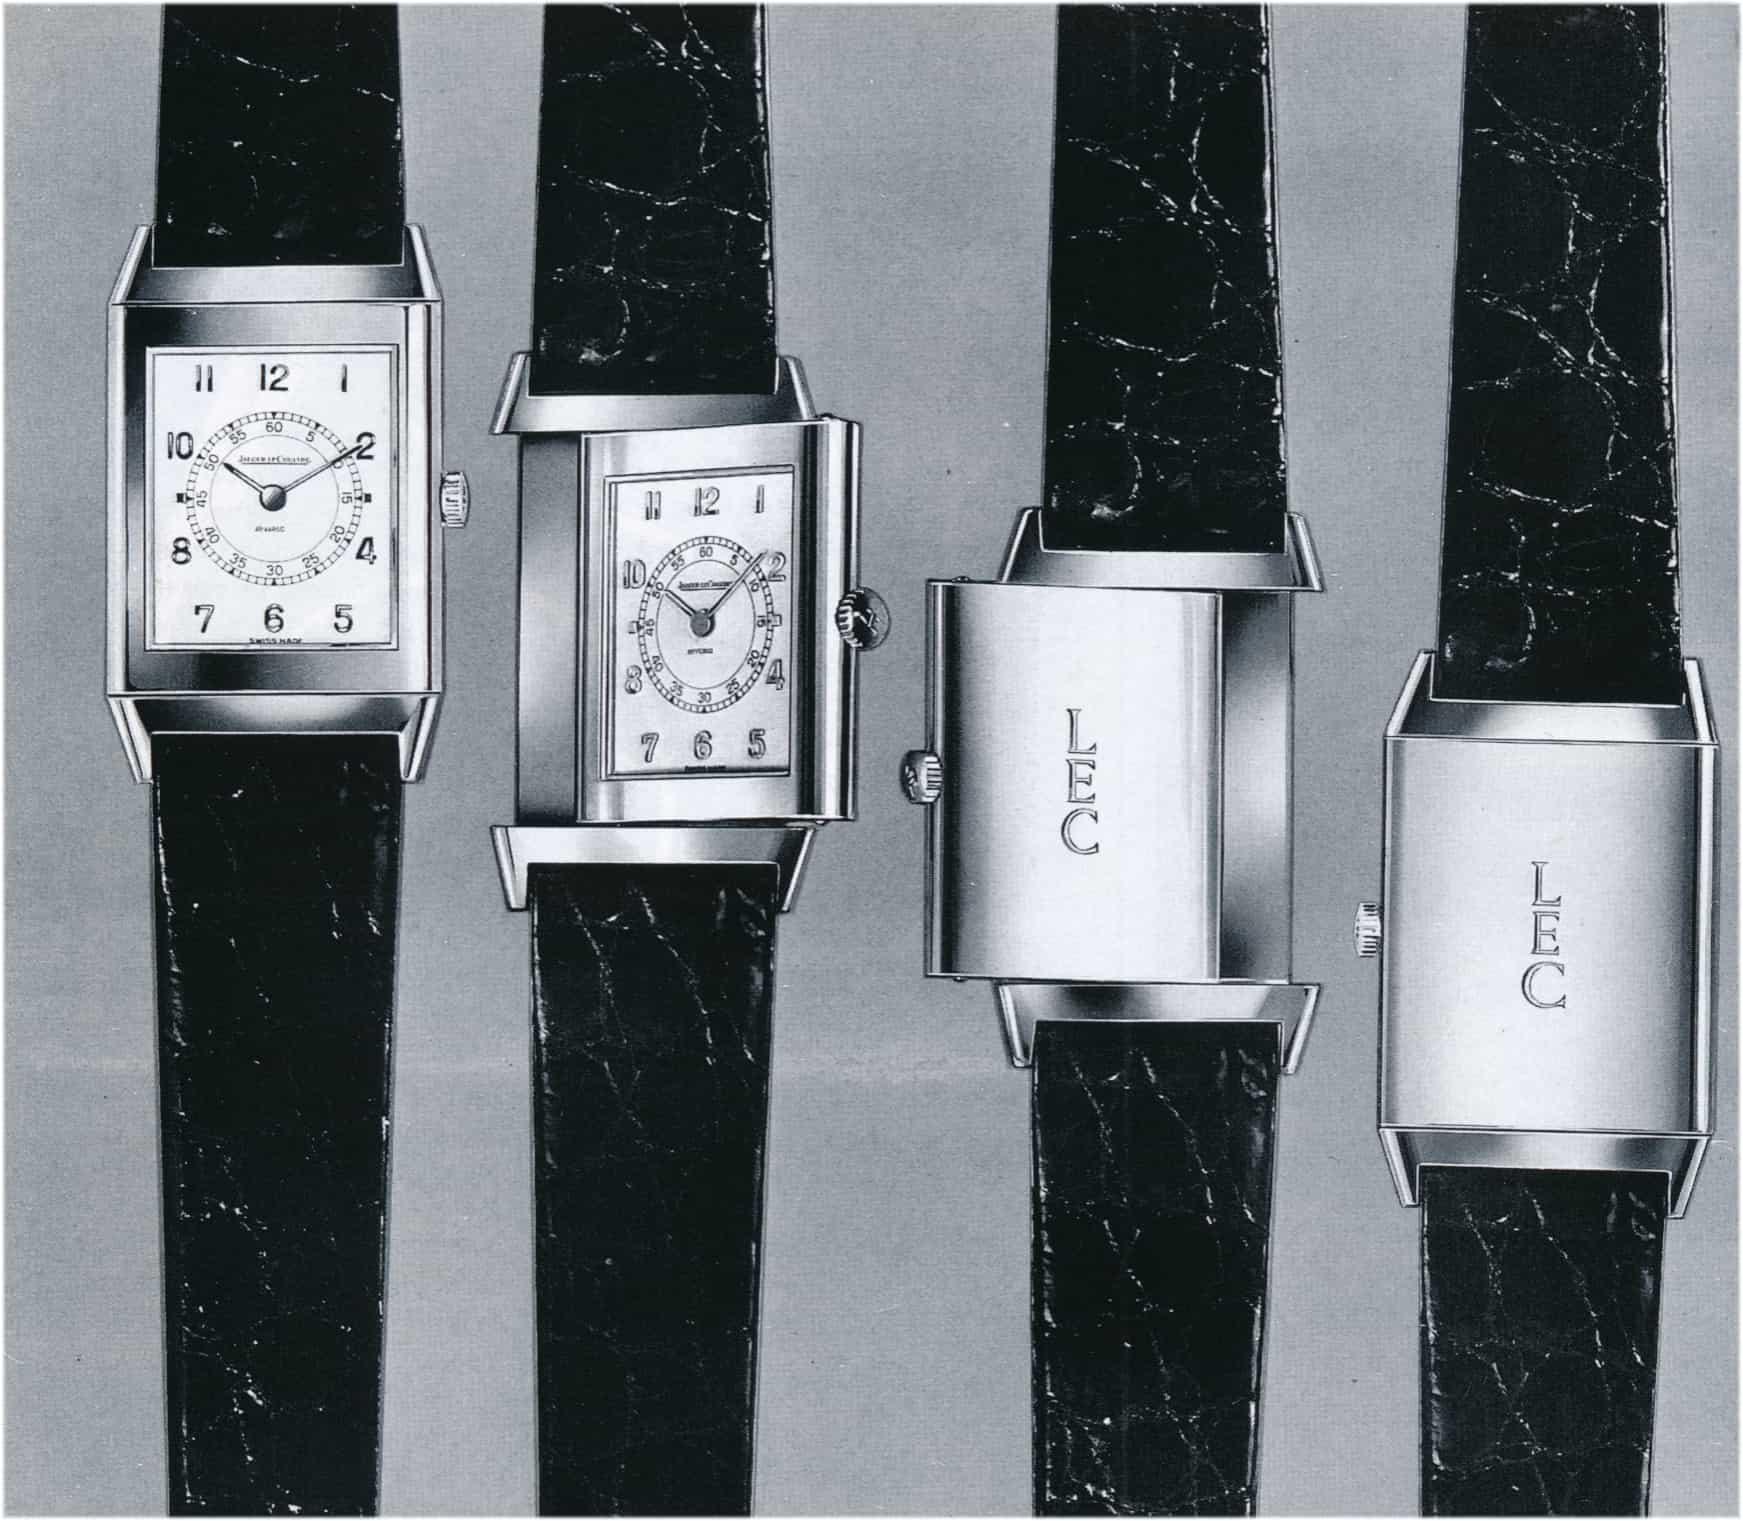 Jaeger LeCoultre Reverso Revival Modell 18 Karat Uhrenmesse Basel 1979